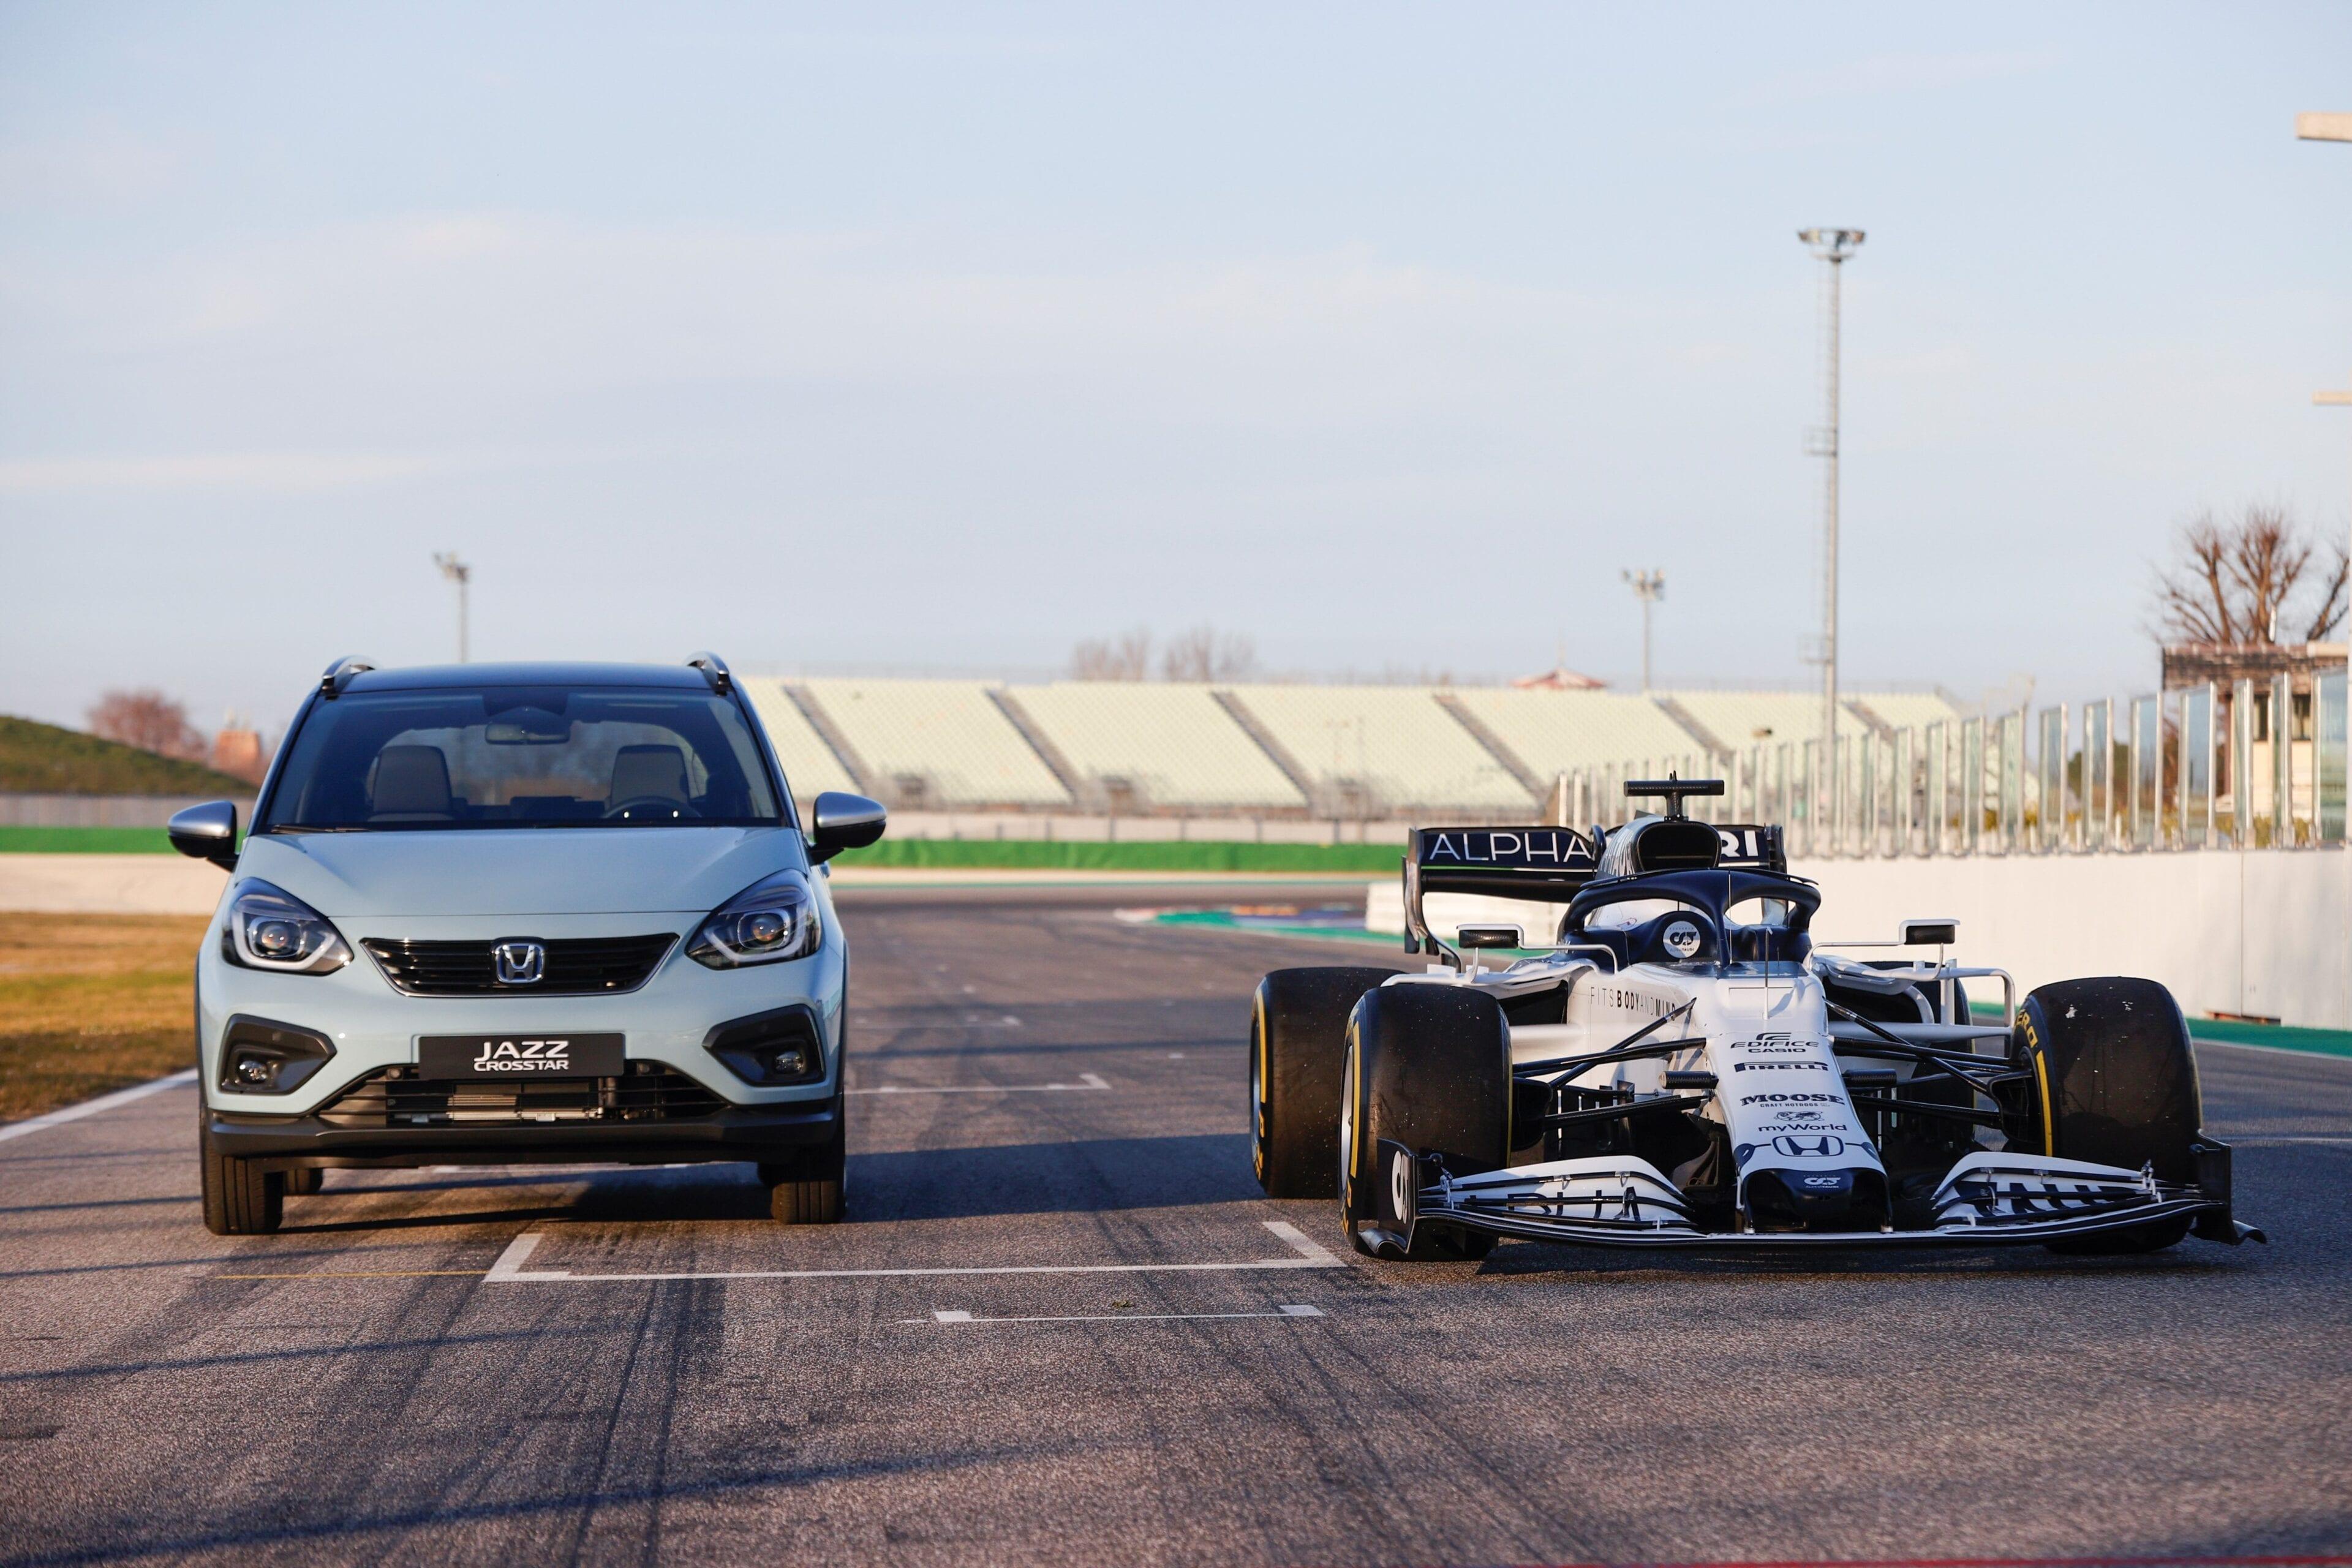 Het e:HEV-hybridesysteem is geïnspireerd door Honda's hybride prestaties uit de Formule 1